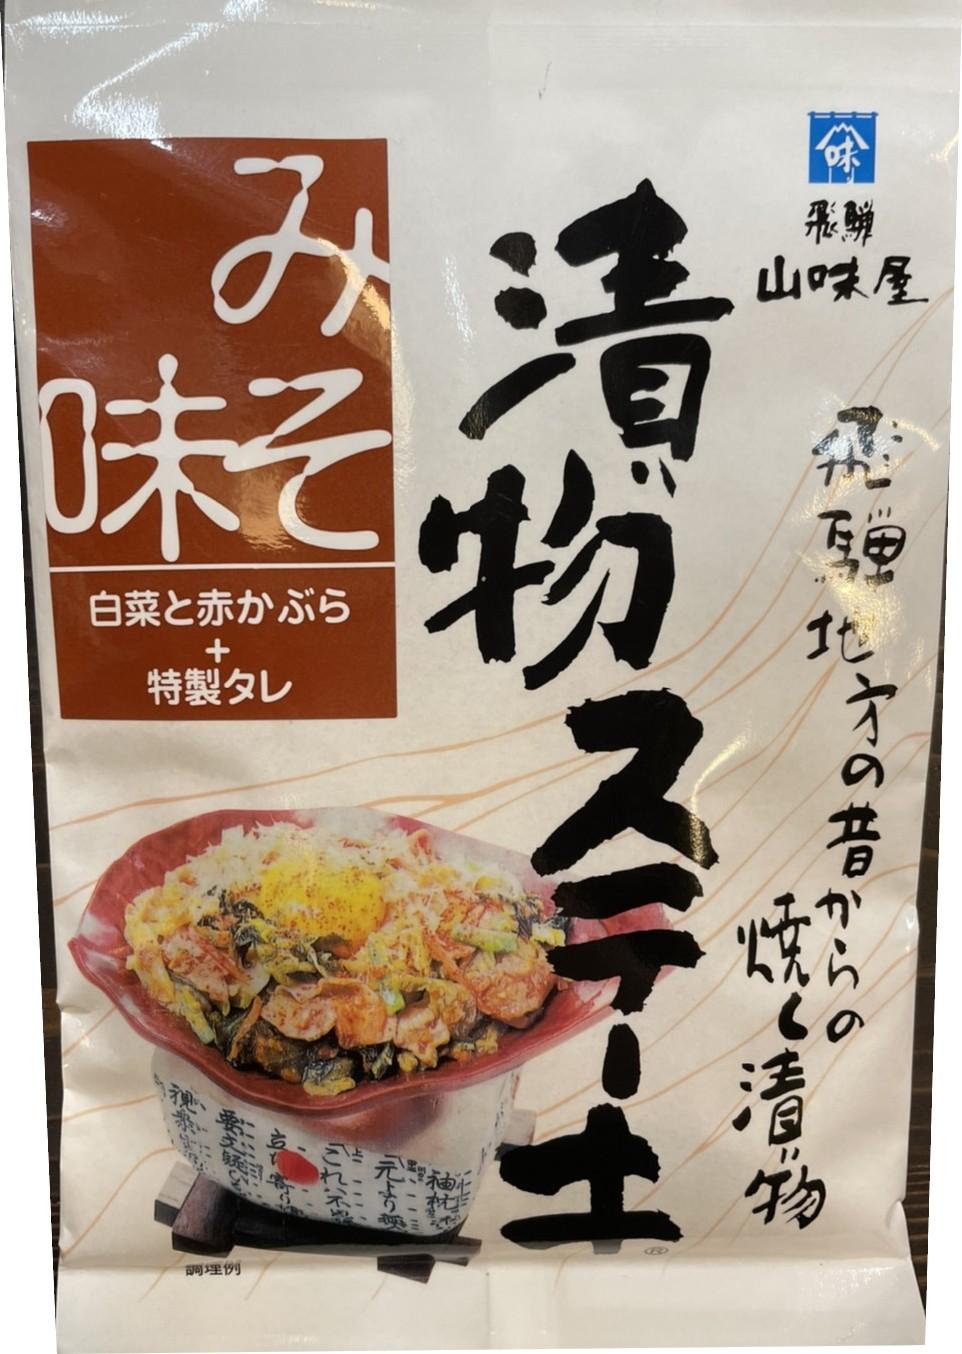 漬物ステーキ みそ味(白菜と赤かぶら+特製タレ)